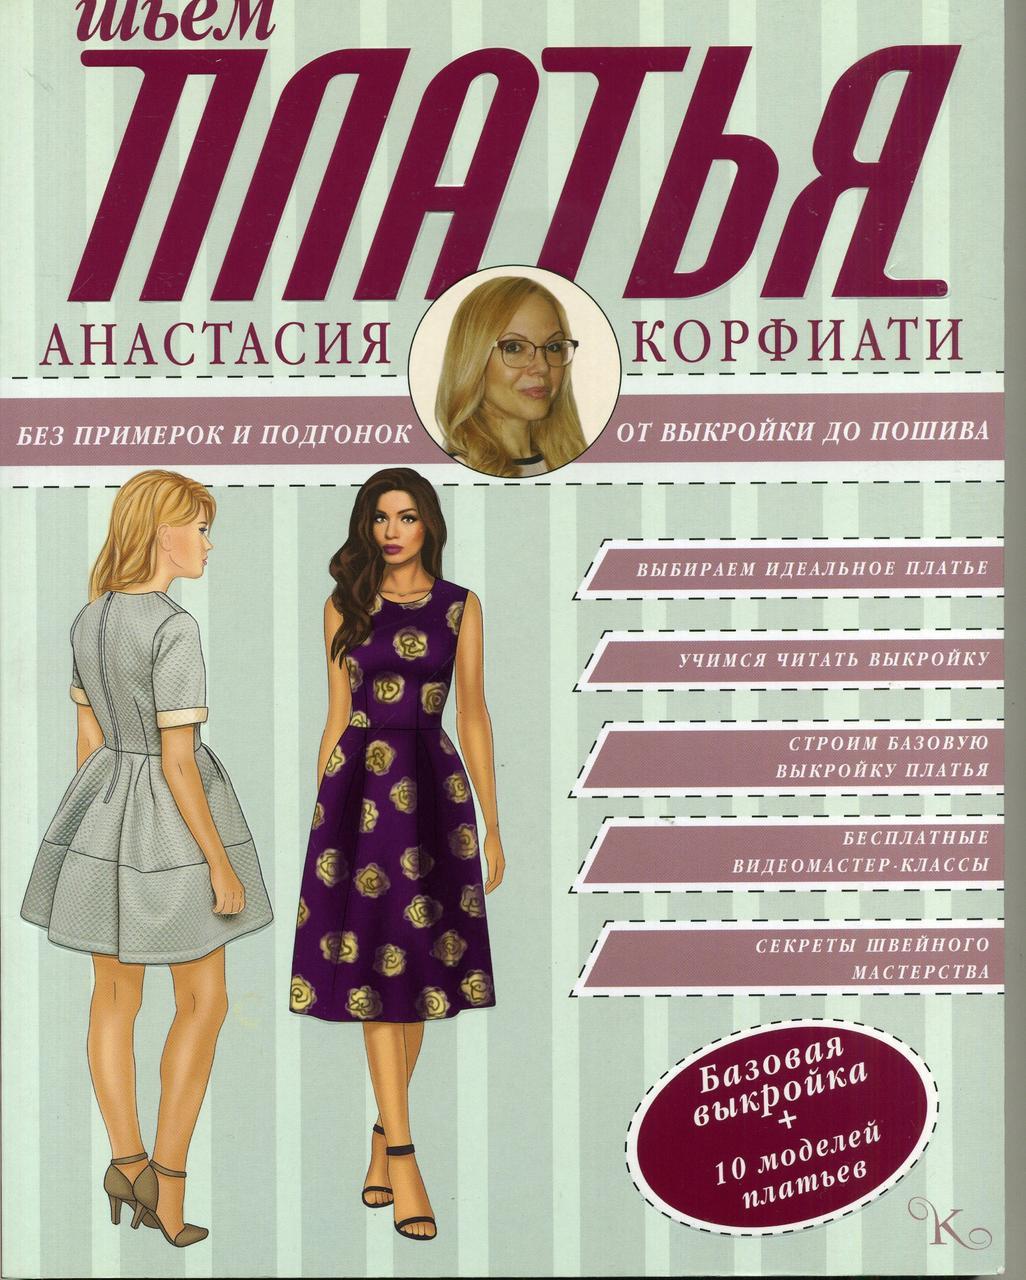 """Анастасия Корфиати """"Шьем платья без примерок и подгонок"""""""